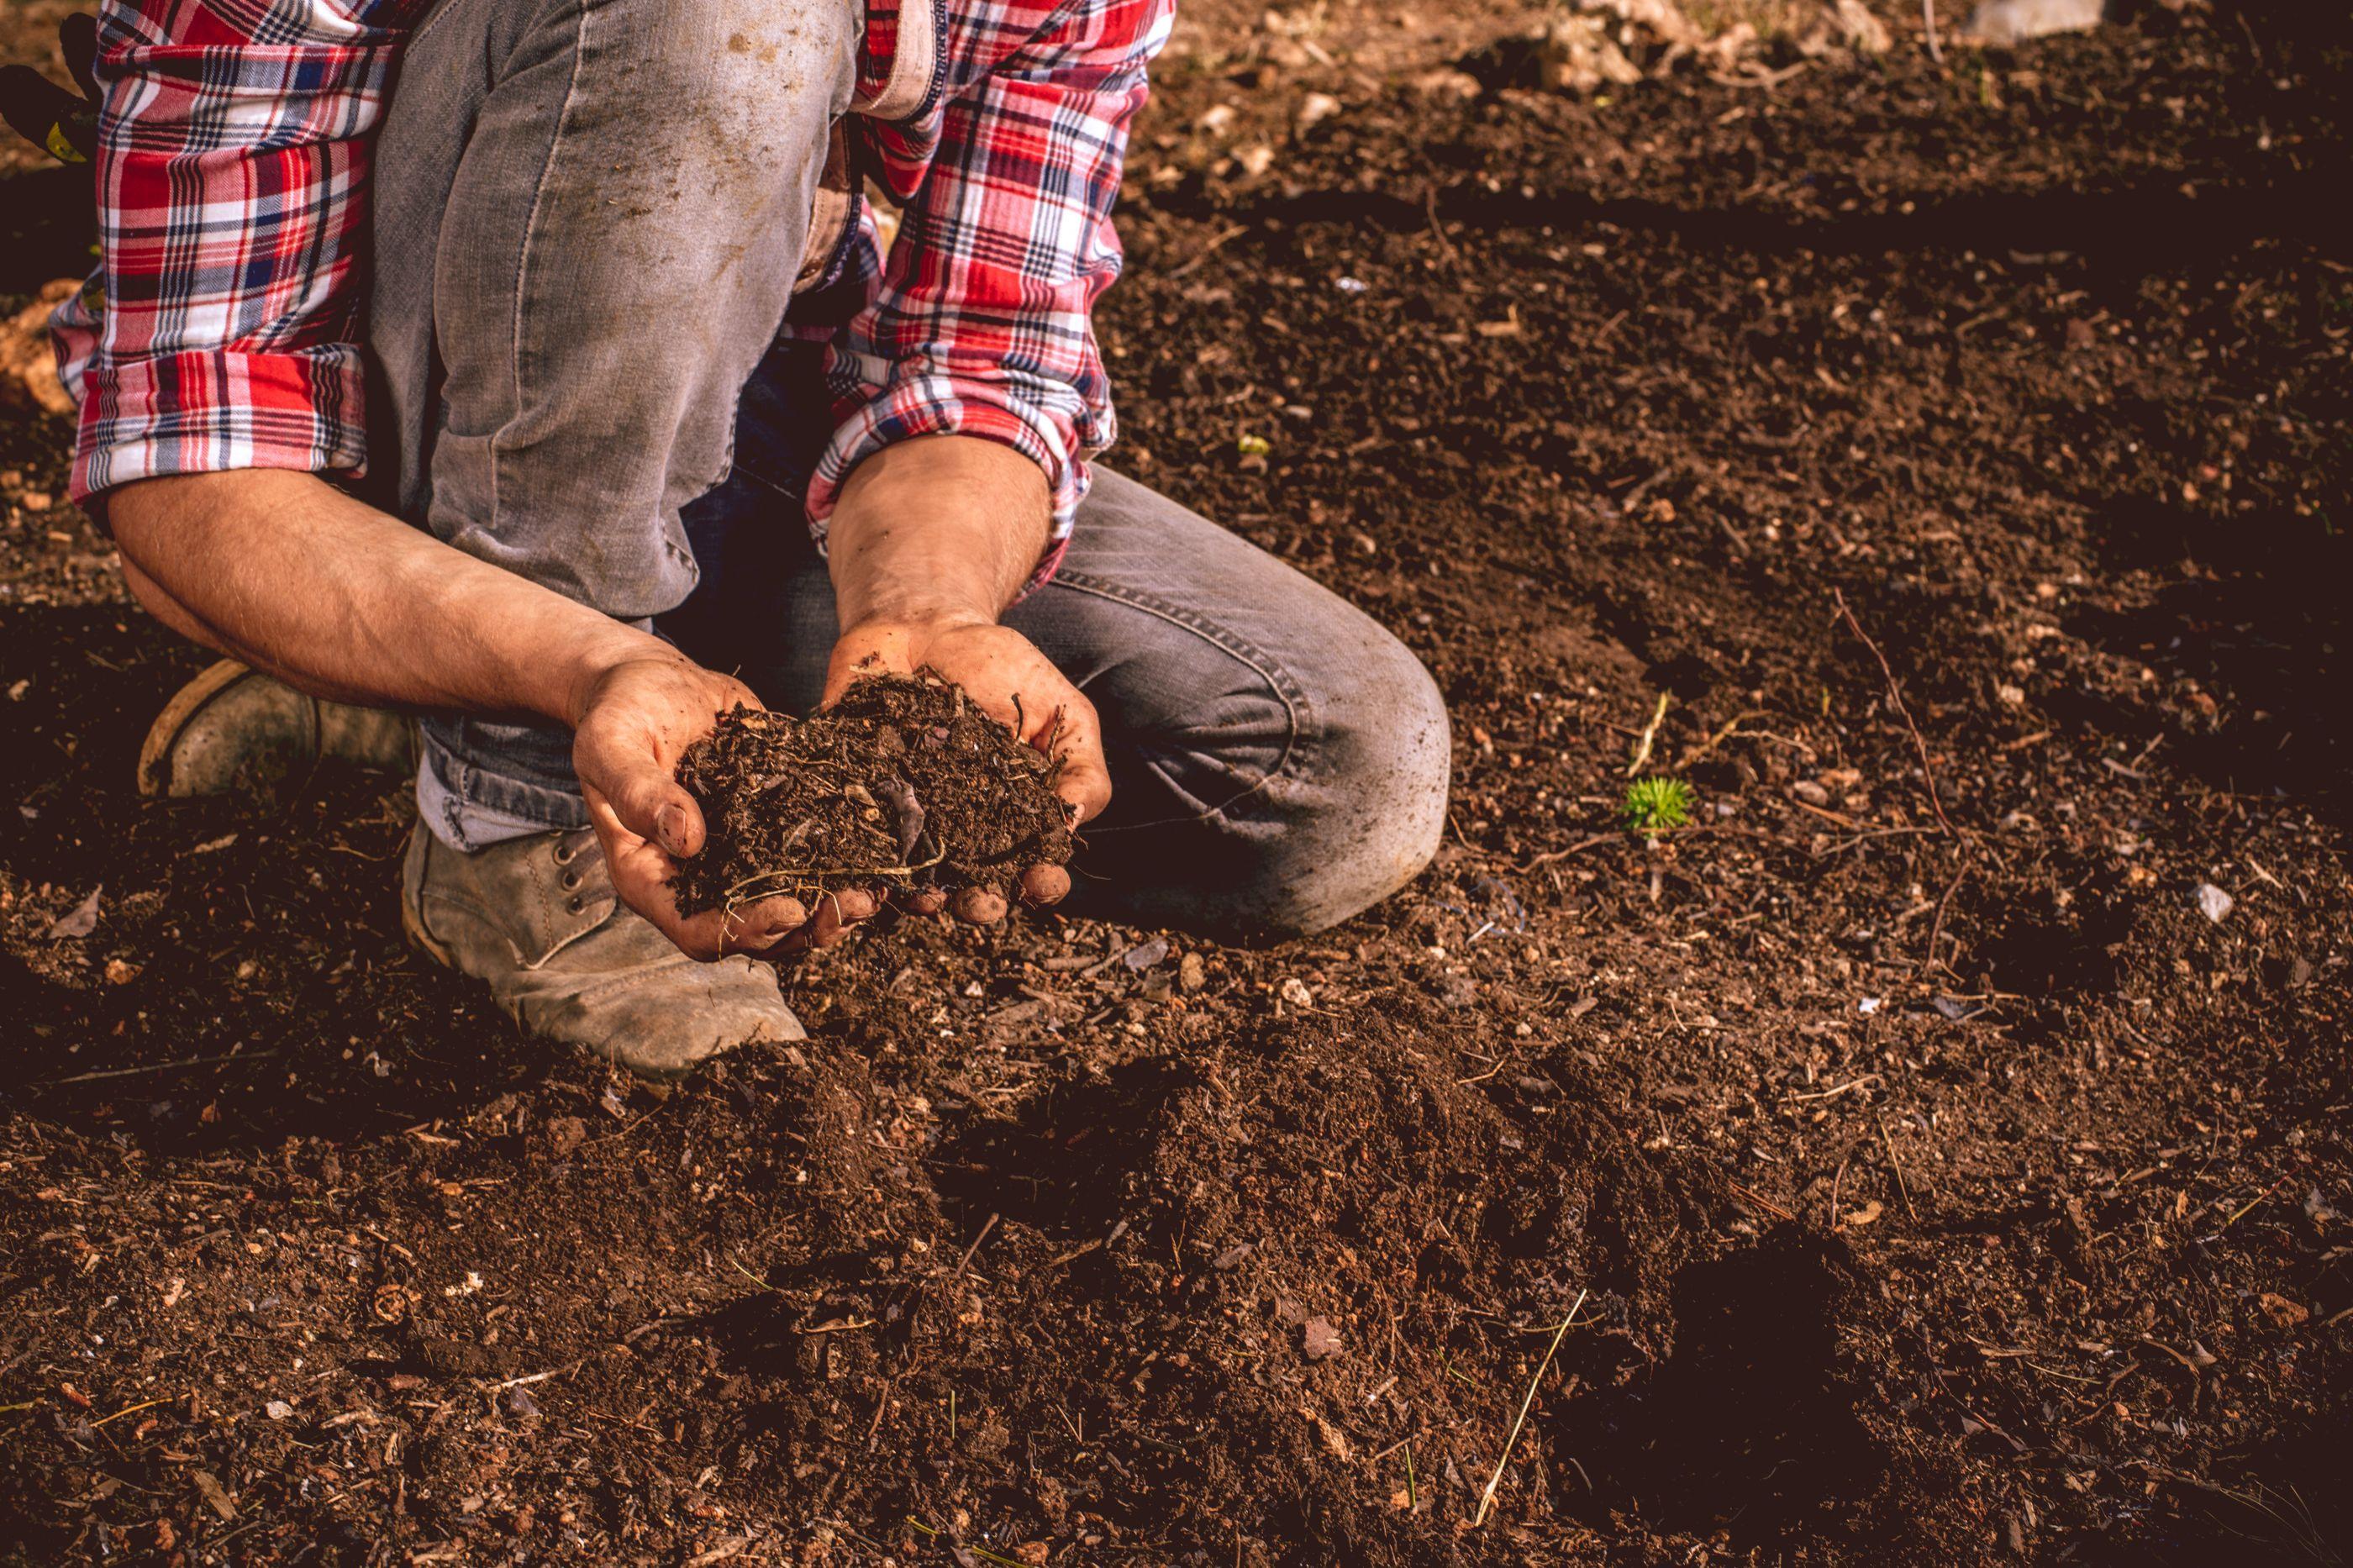 SABIA QUE hoje é dia do agricultor?